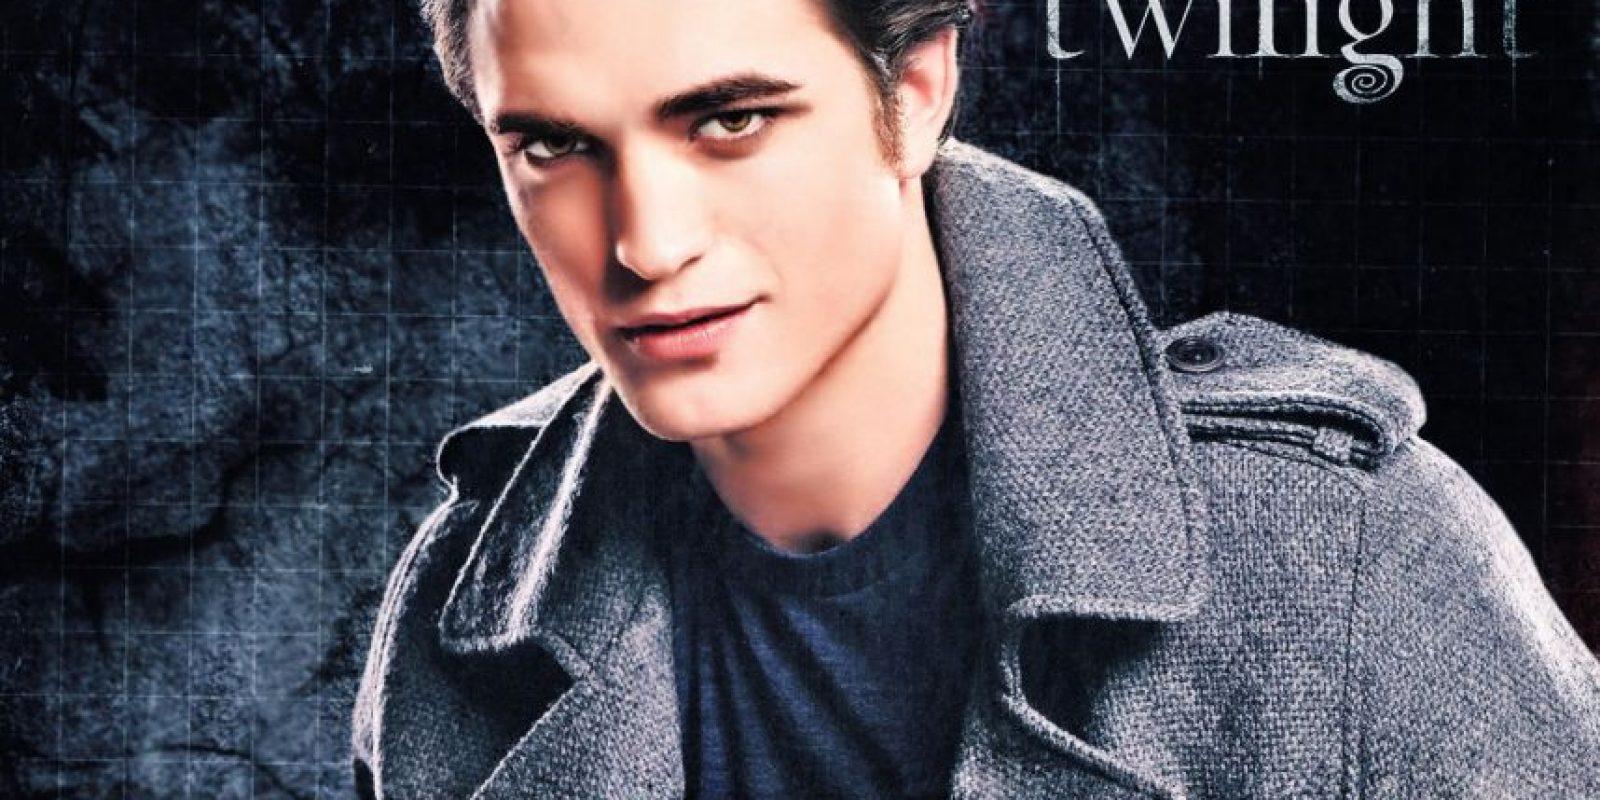 Y he aquí, el vampiro que ha hecho delirar a la última generación de jóvenes: Edward Cullen. Básicamente, Sthepanie Meyer tomó todo lo que hacía atractivos a los vampiros (inmortalidad, belleza, juventud, estilo, dinero), y anuló lo 'perturbador' (aunque fuera un poquito), como masacres, el hecho de matar para comer, y todas esas cosas prohibidas. Tanto será, que Edward Cullen se casa con Bella antes de tener su primera relación sexual. Respetable… Foto: Wallpapers